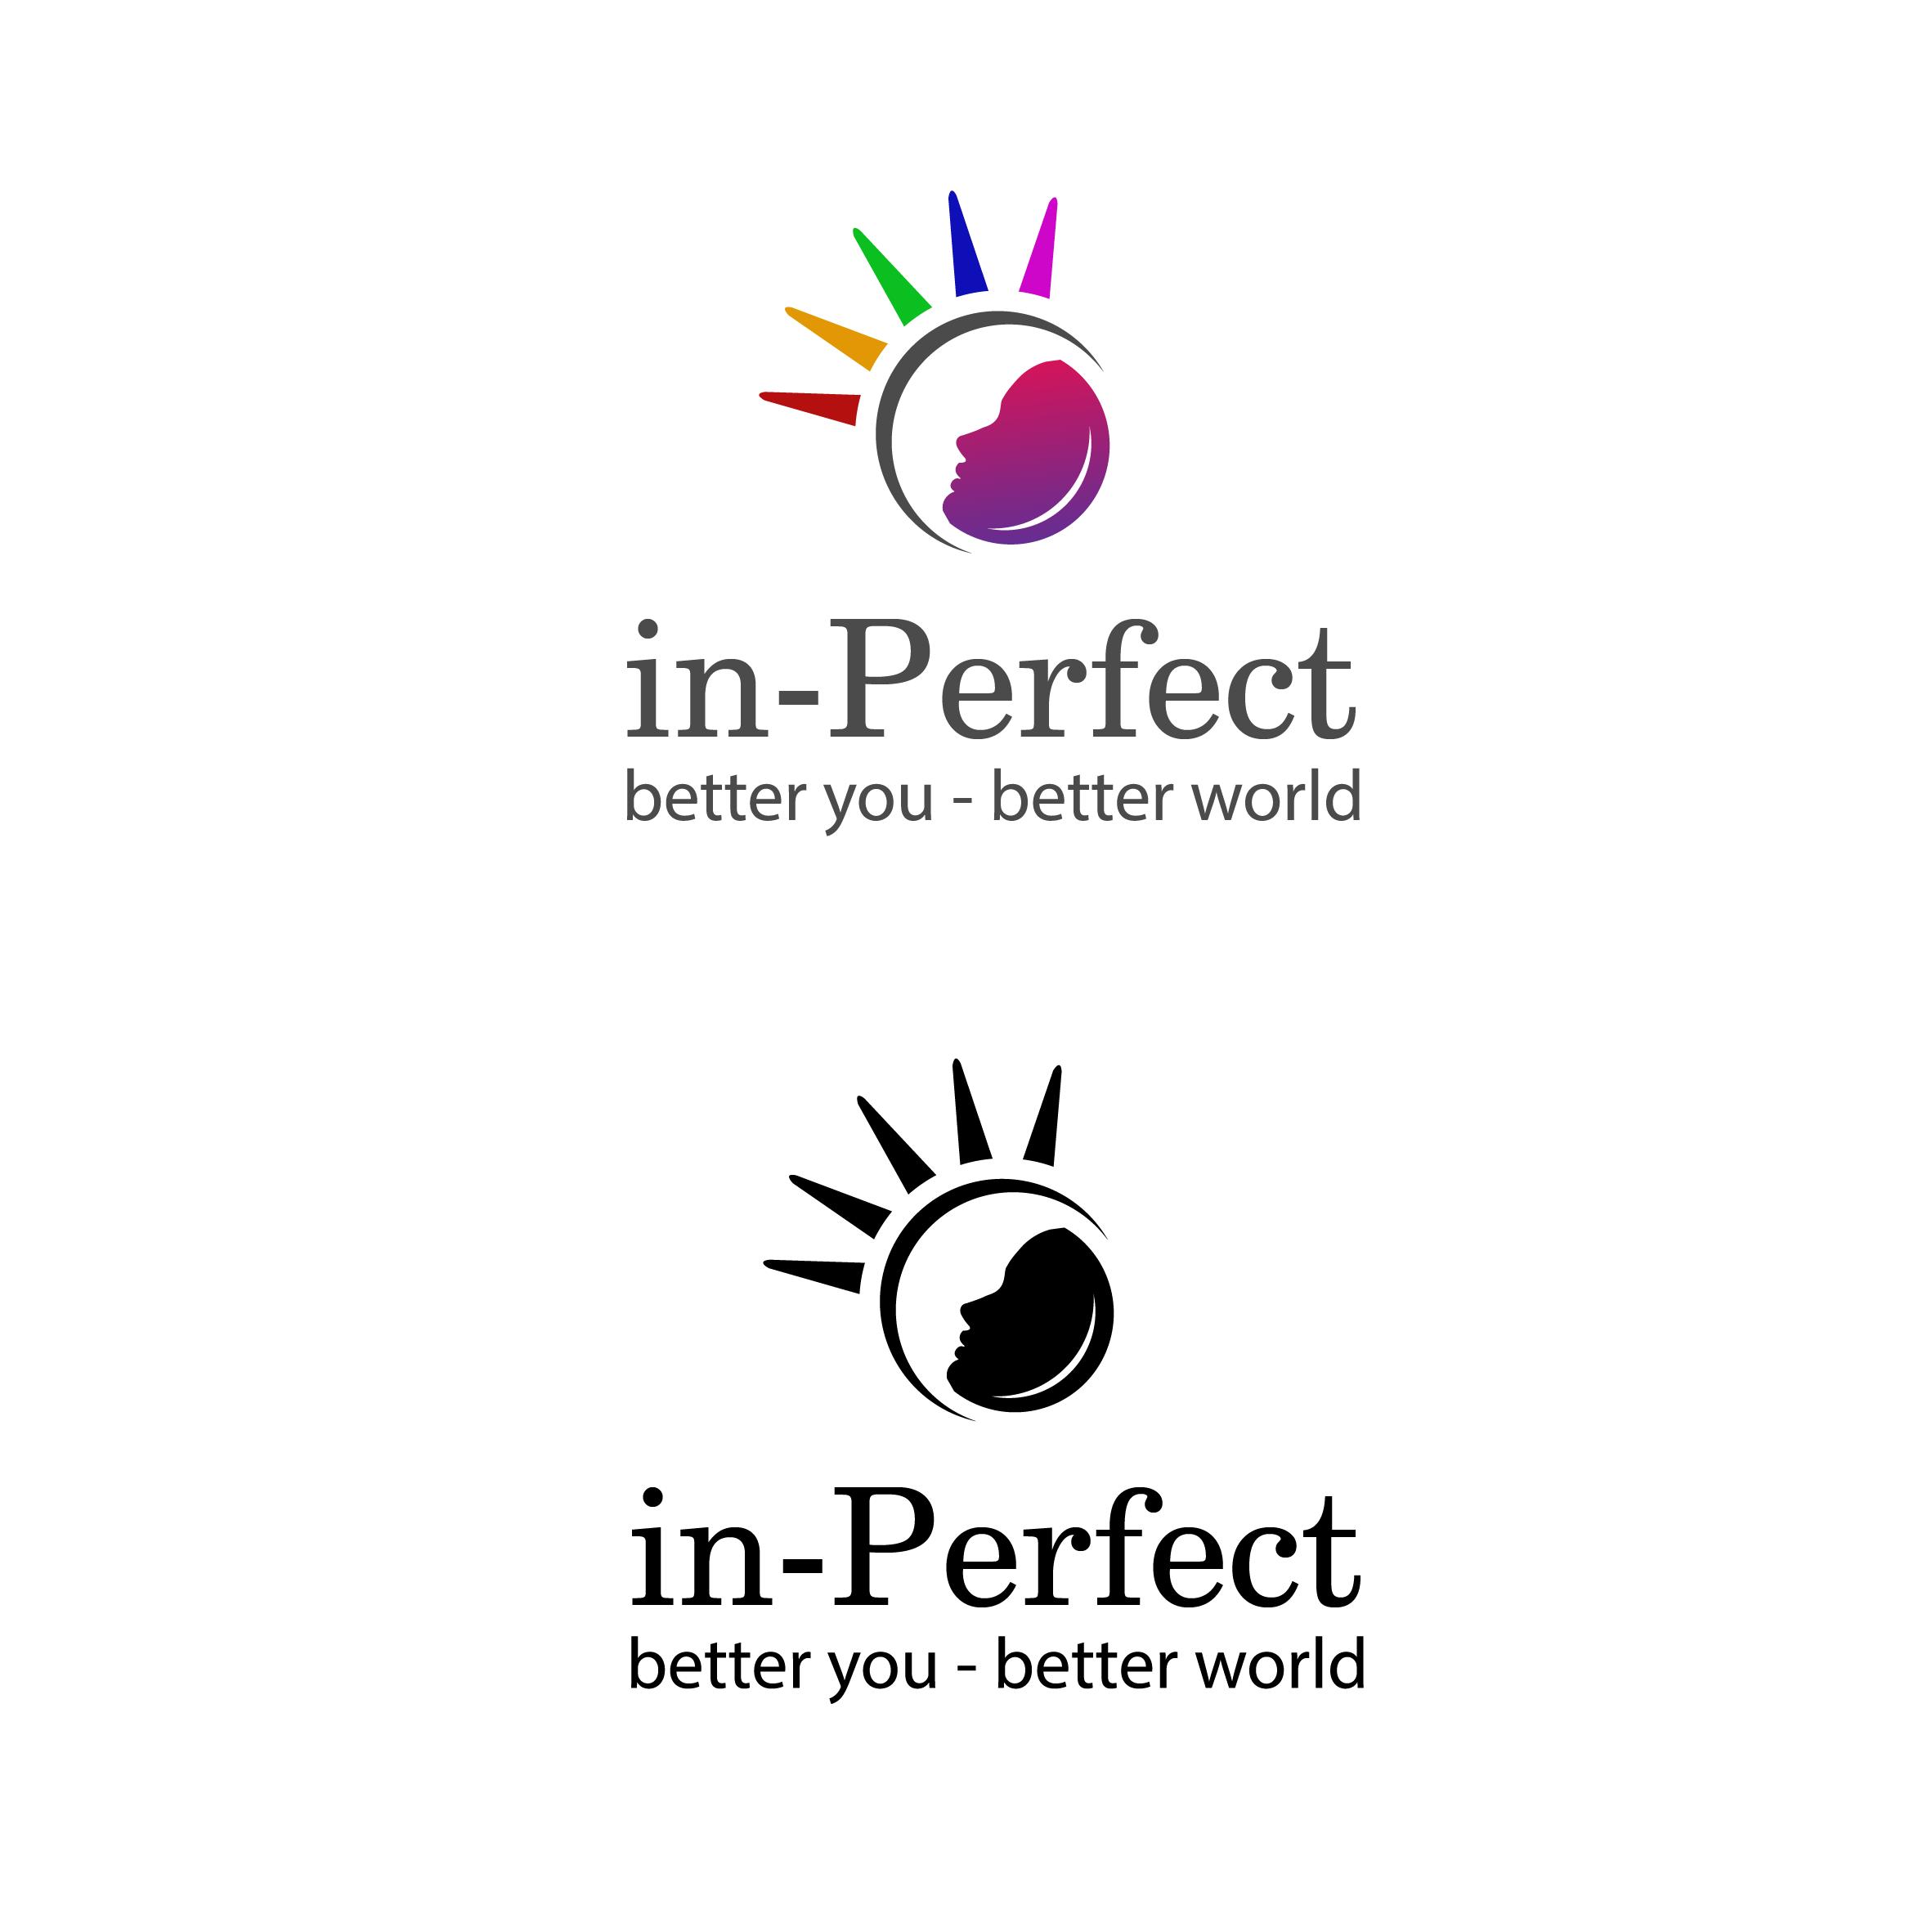 Необходимо доработать логотип In-perfect фото f_9155f1edbed04e2f.png